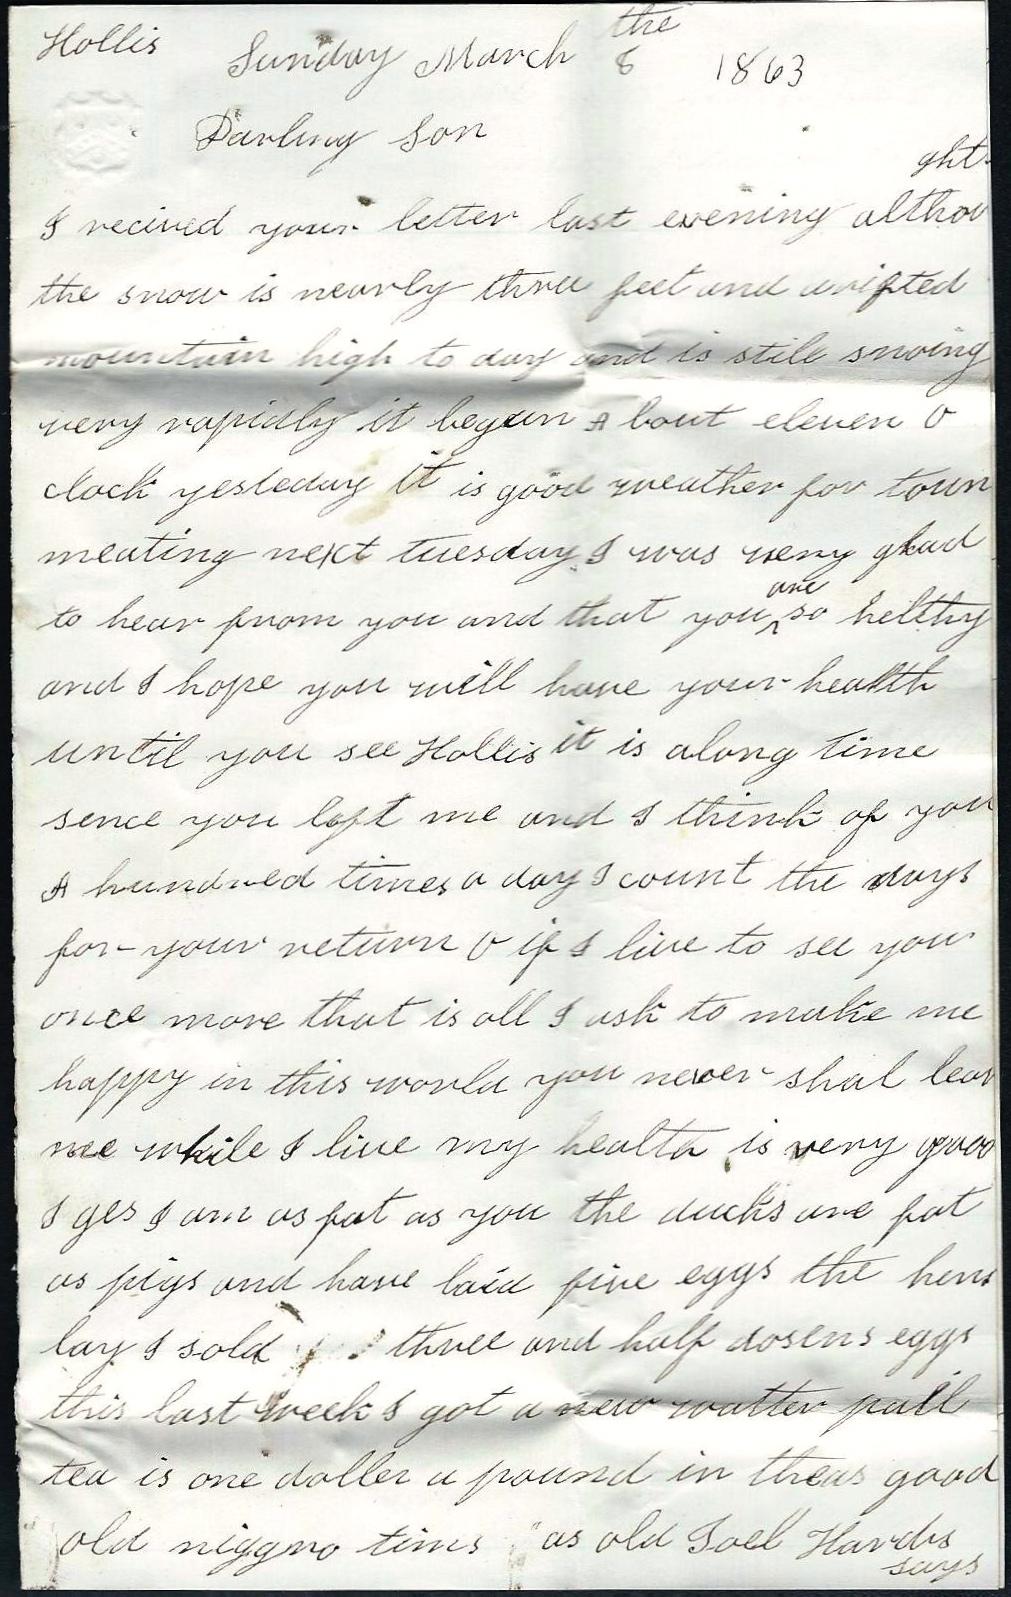 1863: Sarah Ann Adams to Charles H. Adams